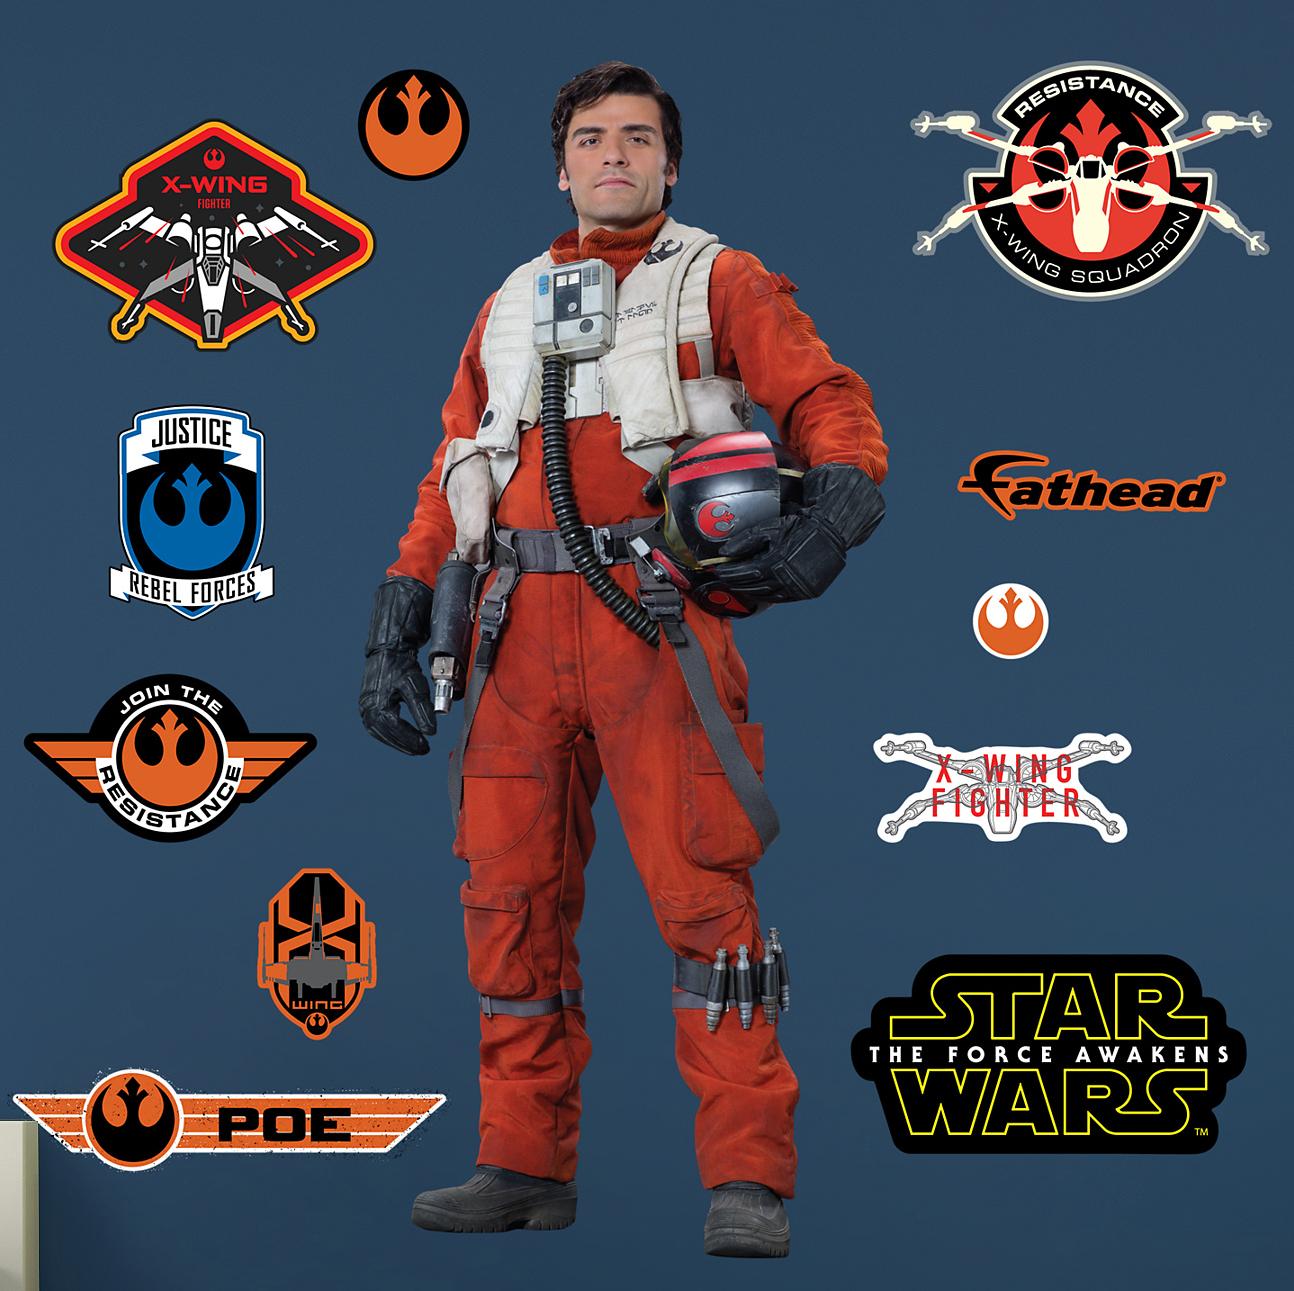 So No Rpf Love For The New Pilot Poe Dameron Star Wars Geek Star Wars Fandom Star Wars Episode Vii